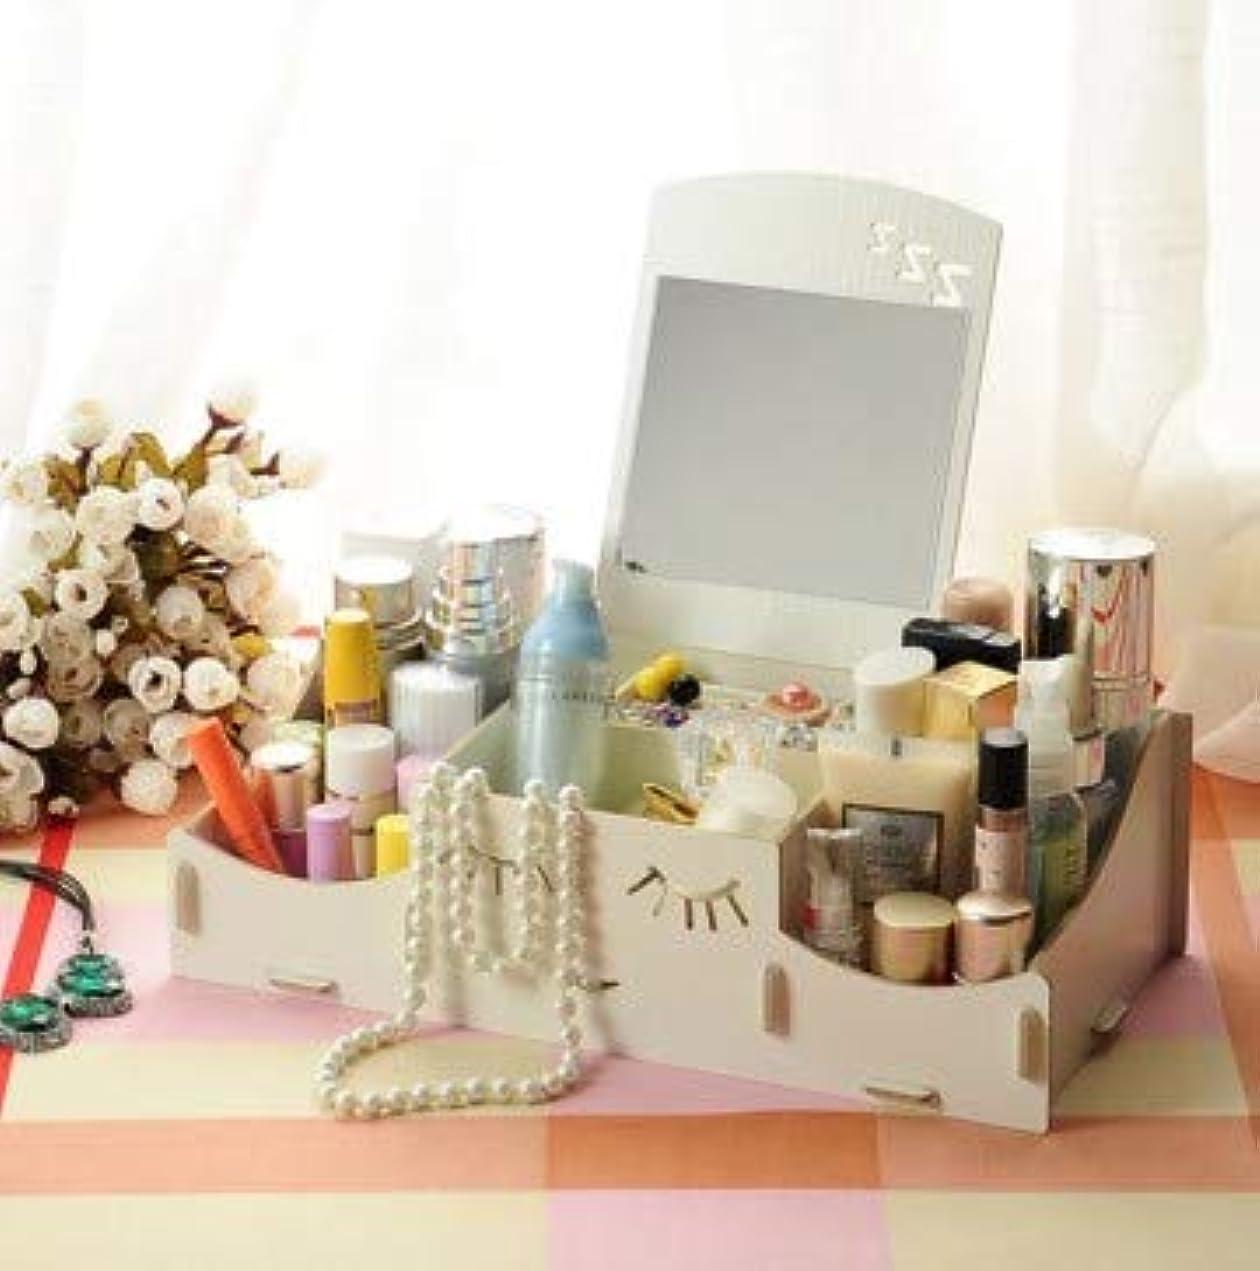 許可発表ハックスマイリー木製クリエイティブ収納ボックス手作りデスクトップミラー化粧品収納ボックス化粧品収納ボックス (Color : ホワイト)